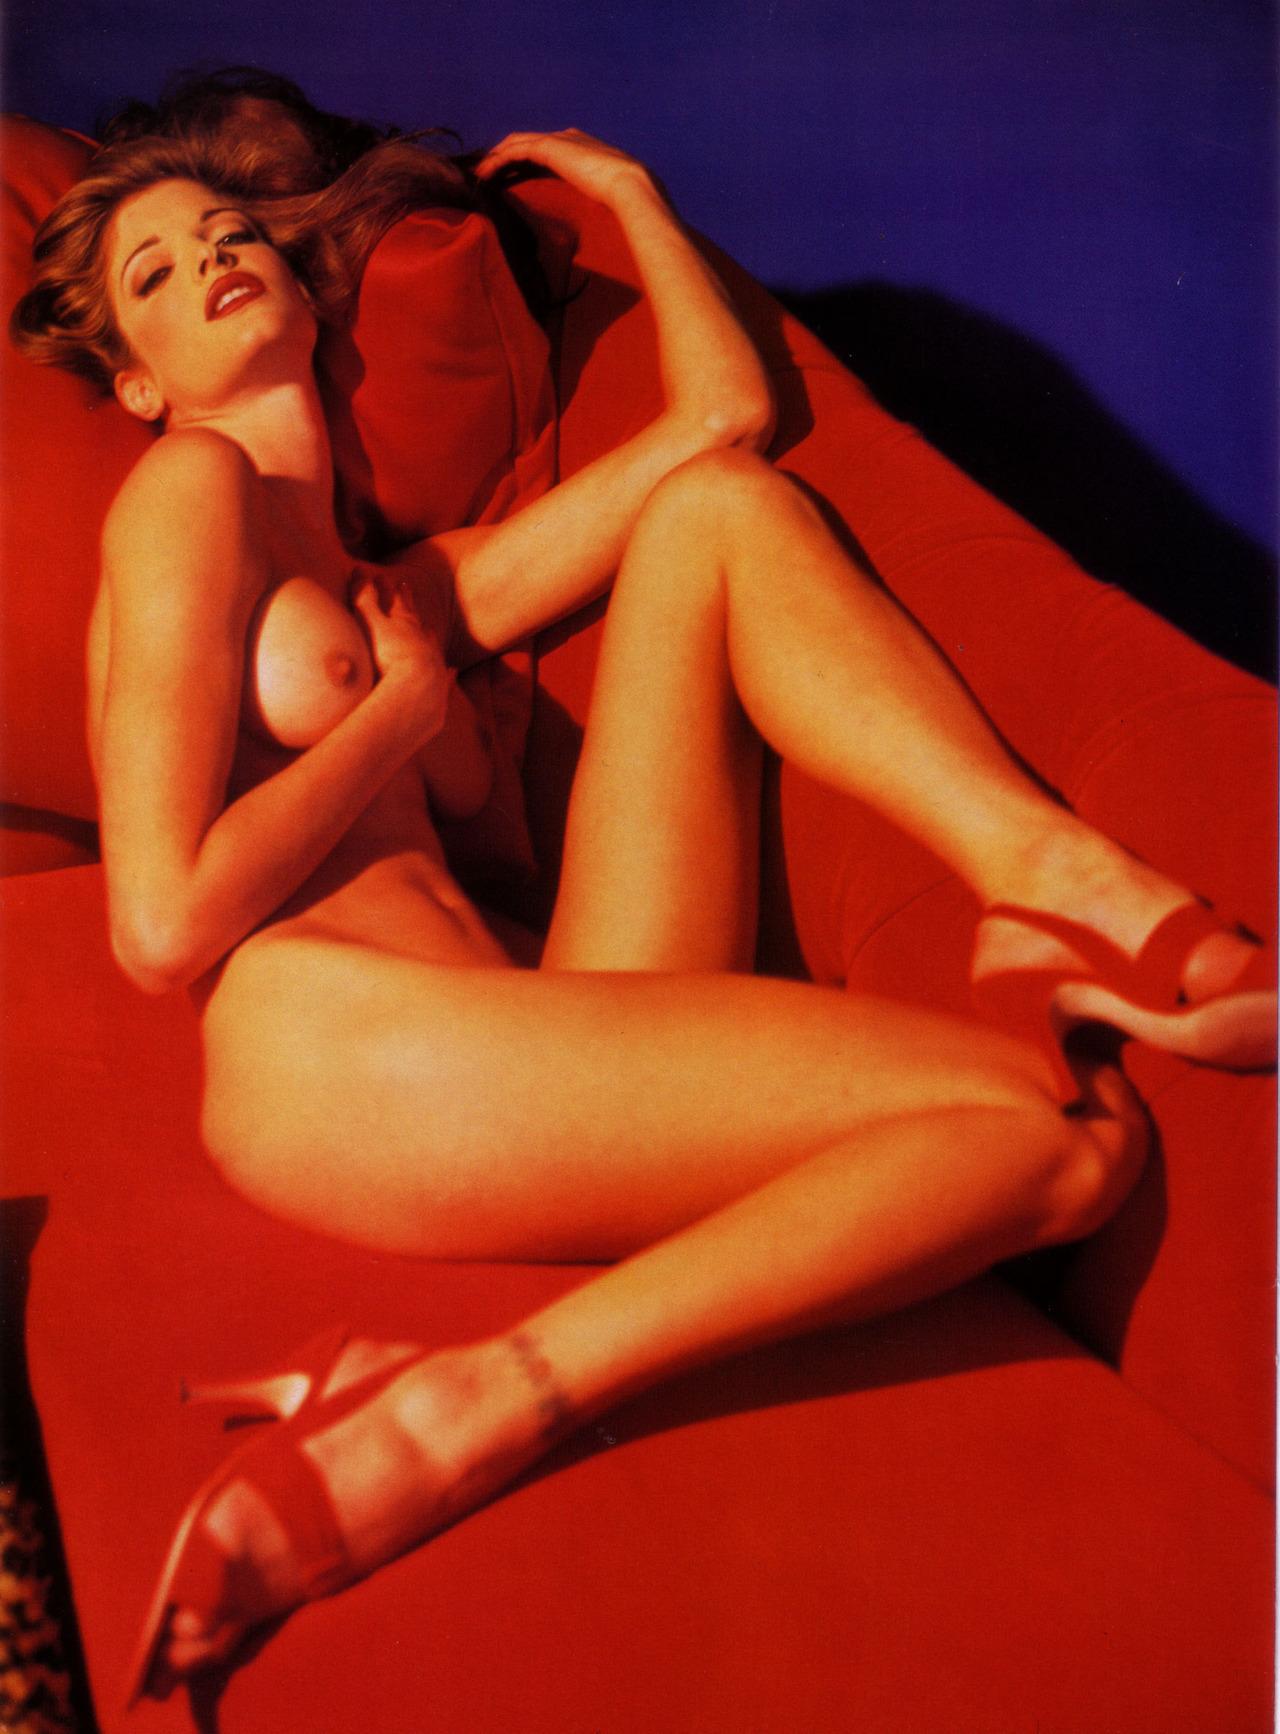 порно актрисы 90 годов фото